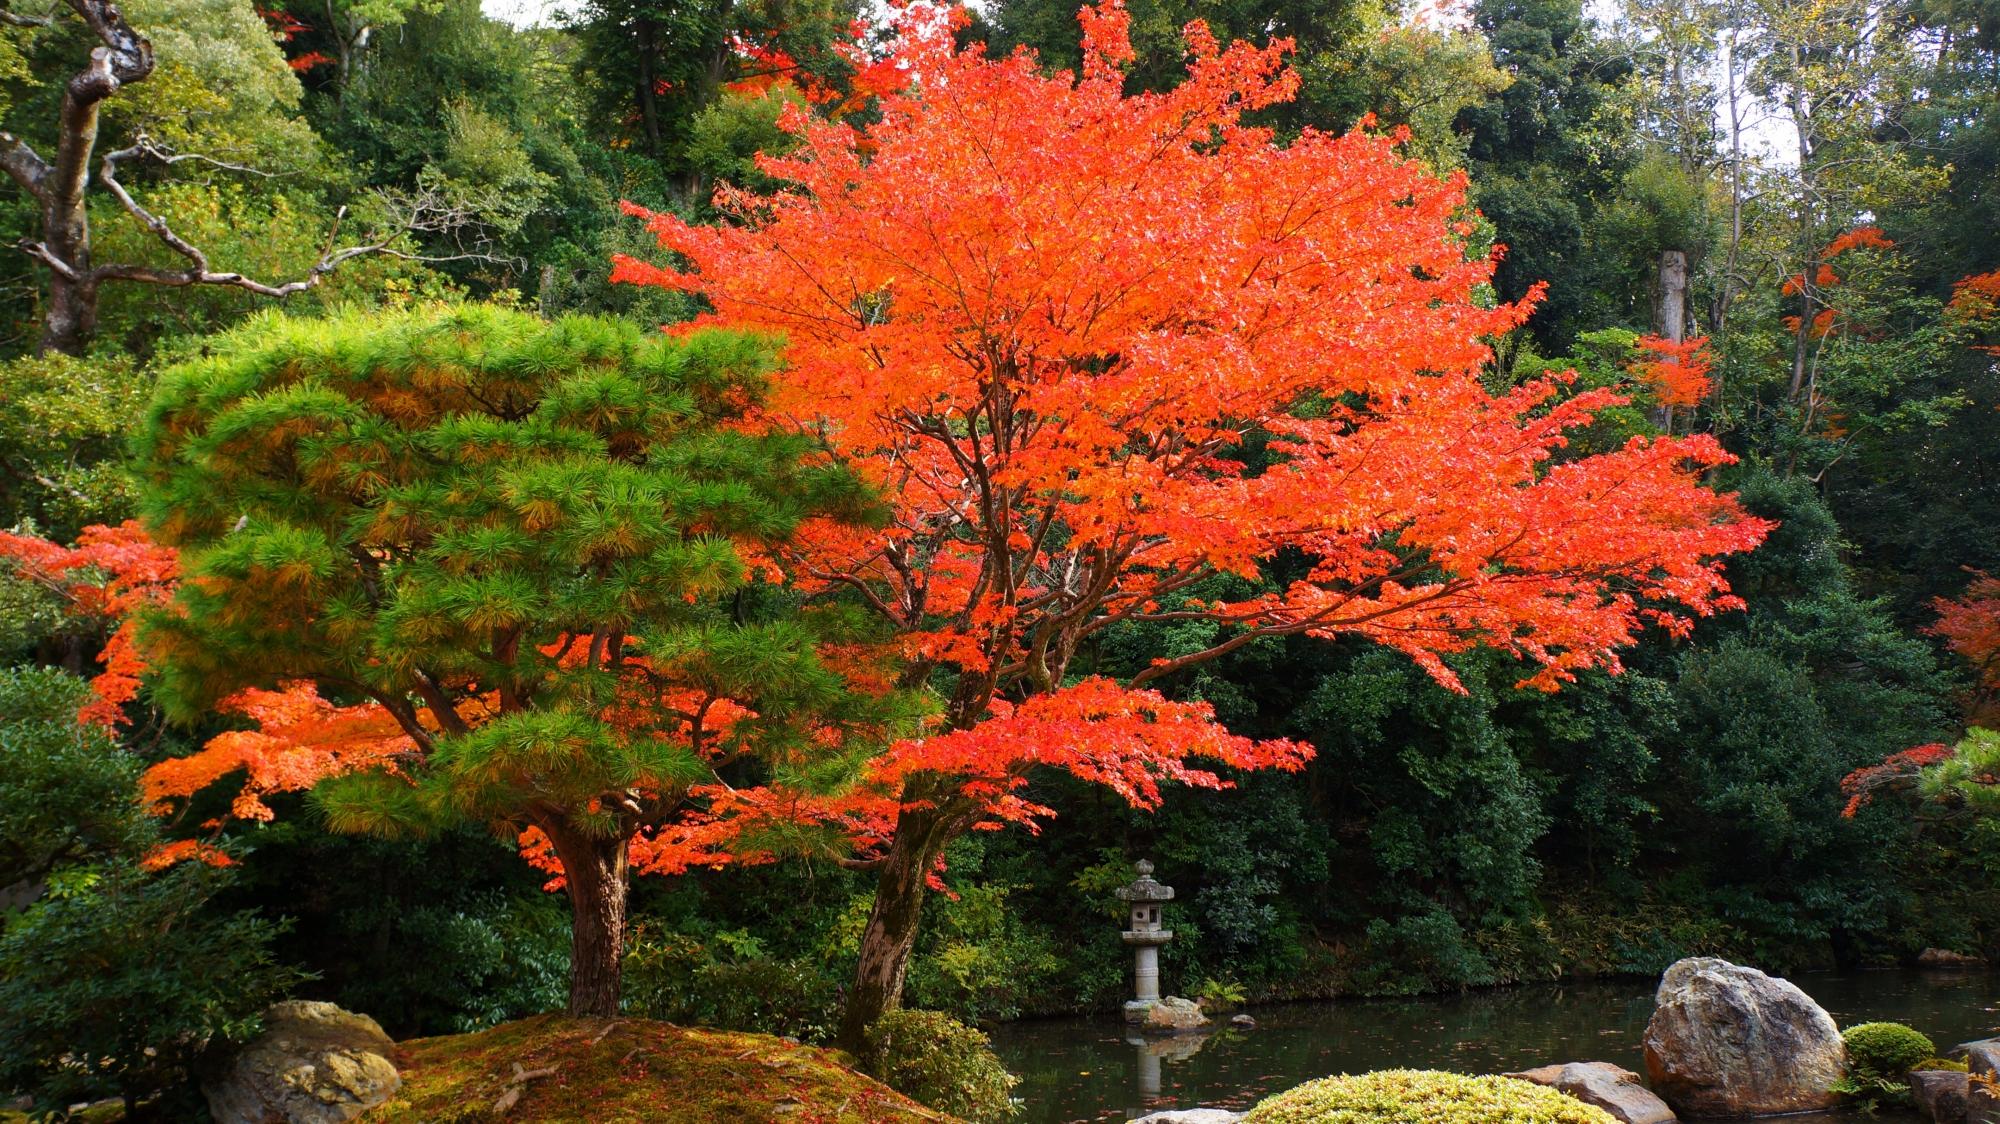 知恩院方丈庭園の水辺と緑を彩る鮮やかな紅葉が